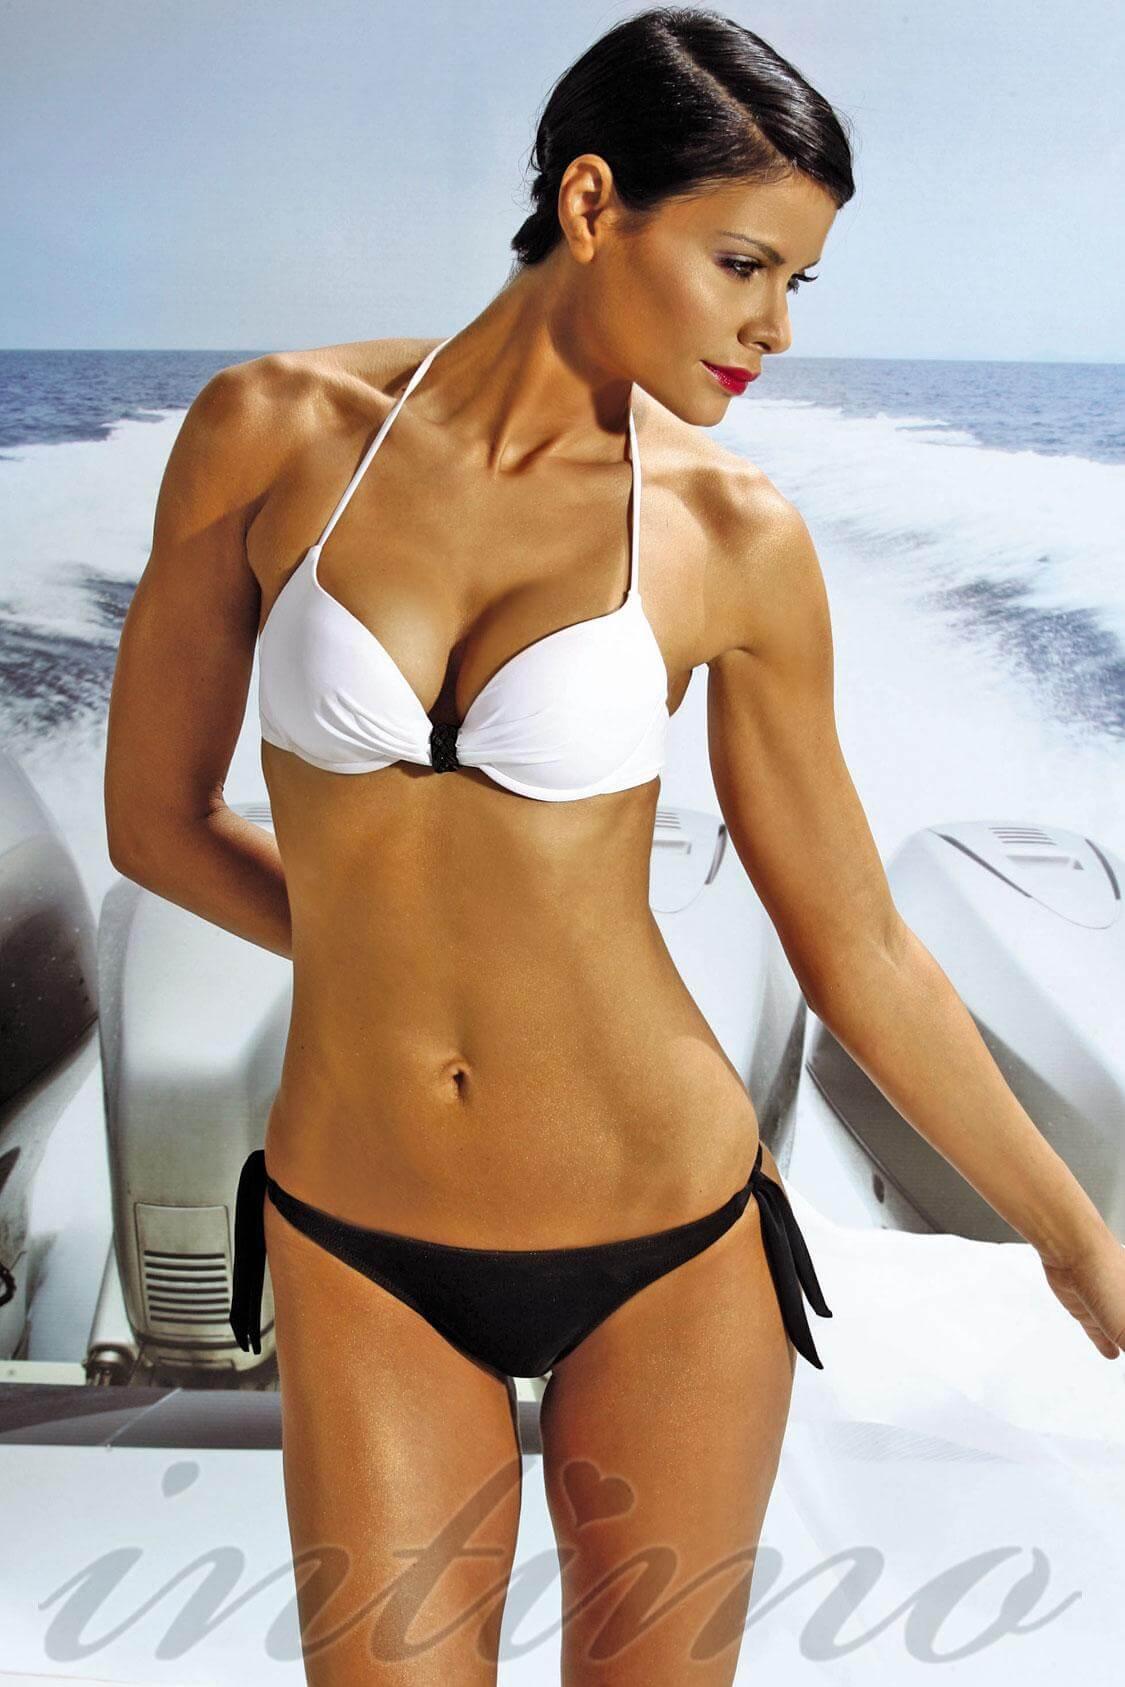 Ерасивые женские тела в купальниках фото 27-156